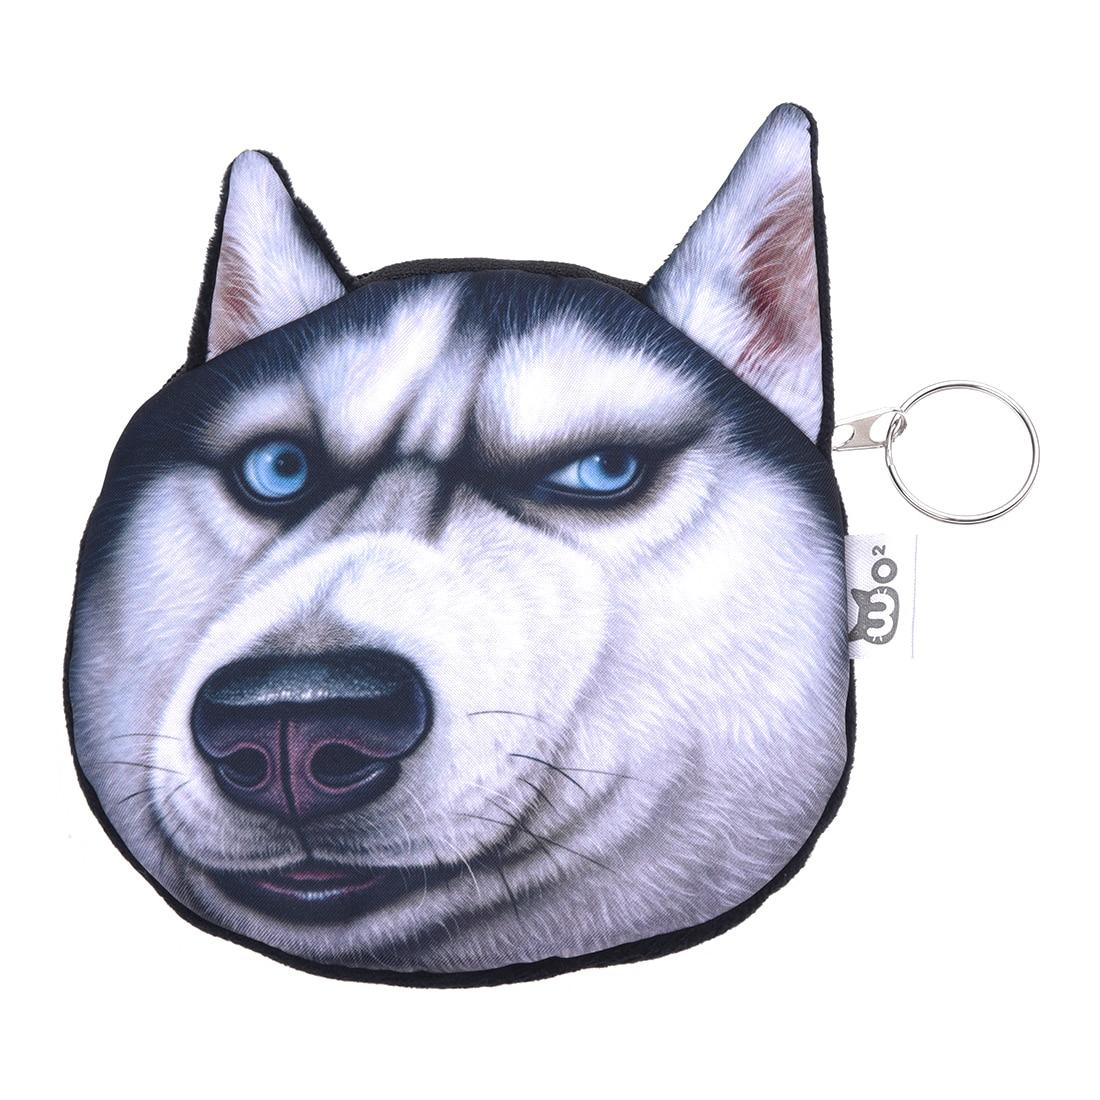 5pcs of Cute Lovely 3D Dog Face Zipper Case Coin Girl Purse Wallet Makeup Bag Pouch Huskies